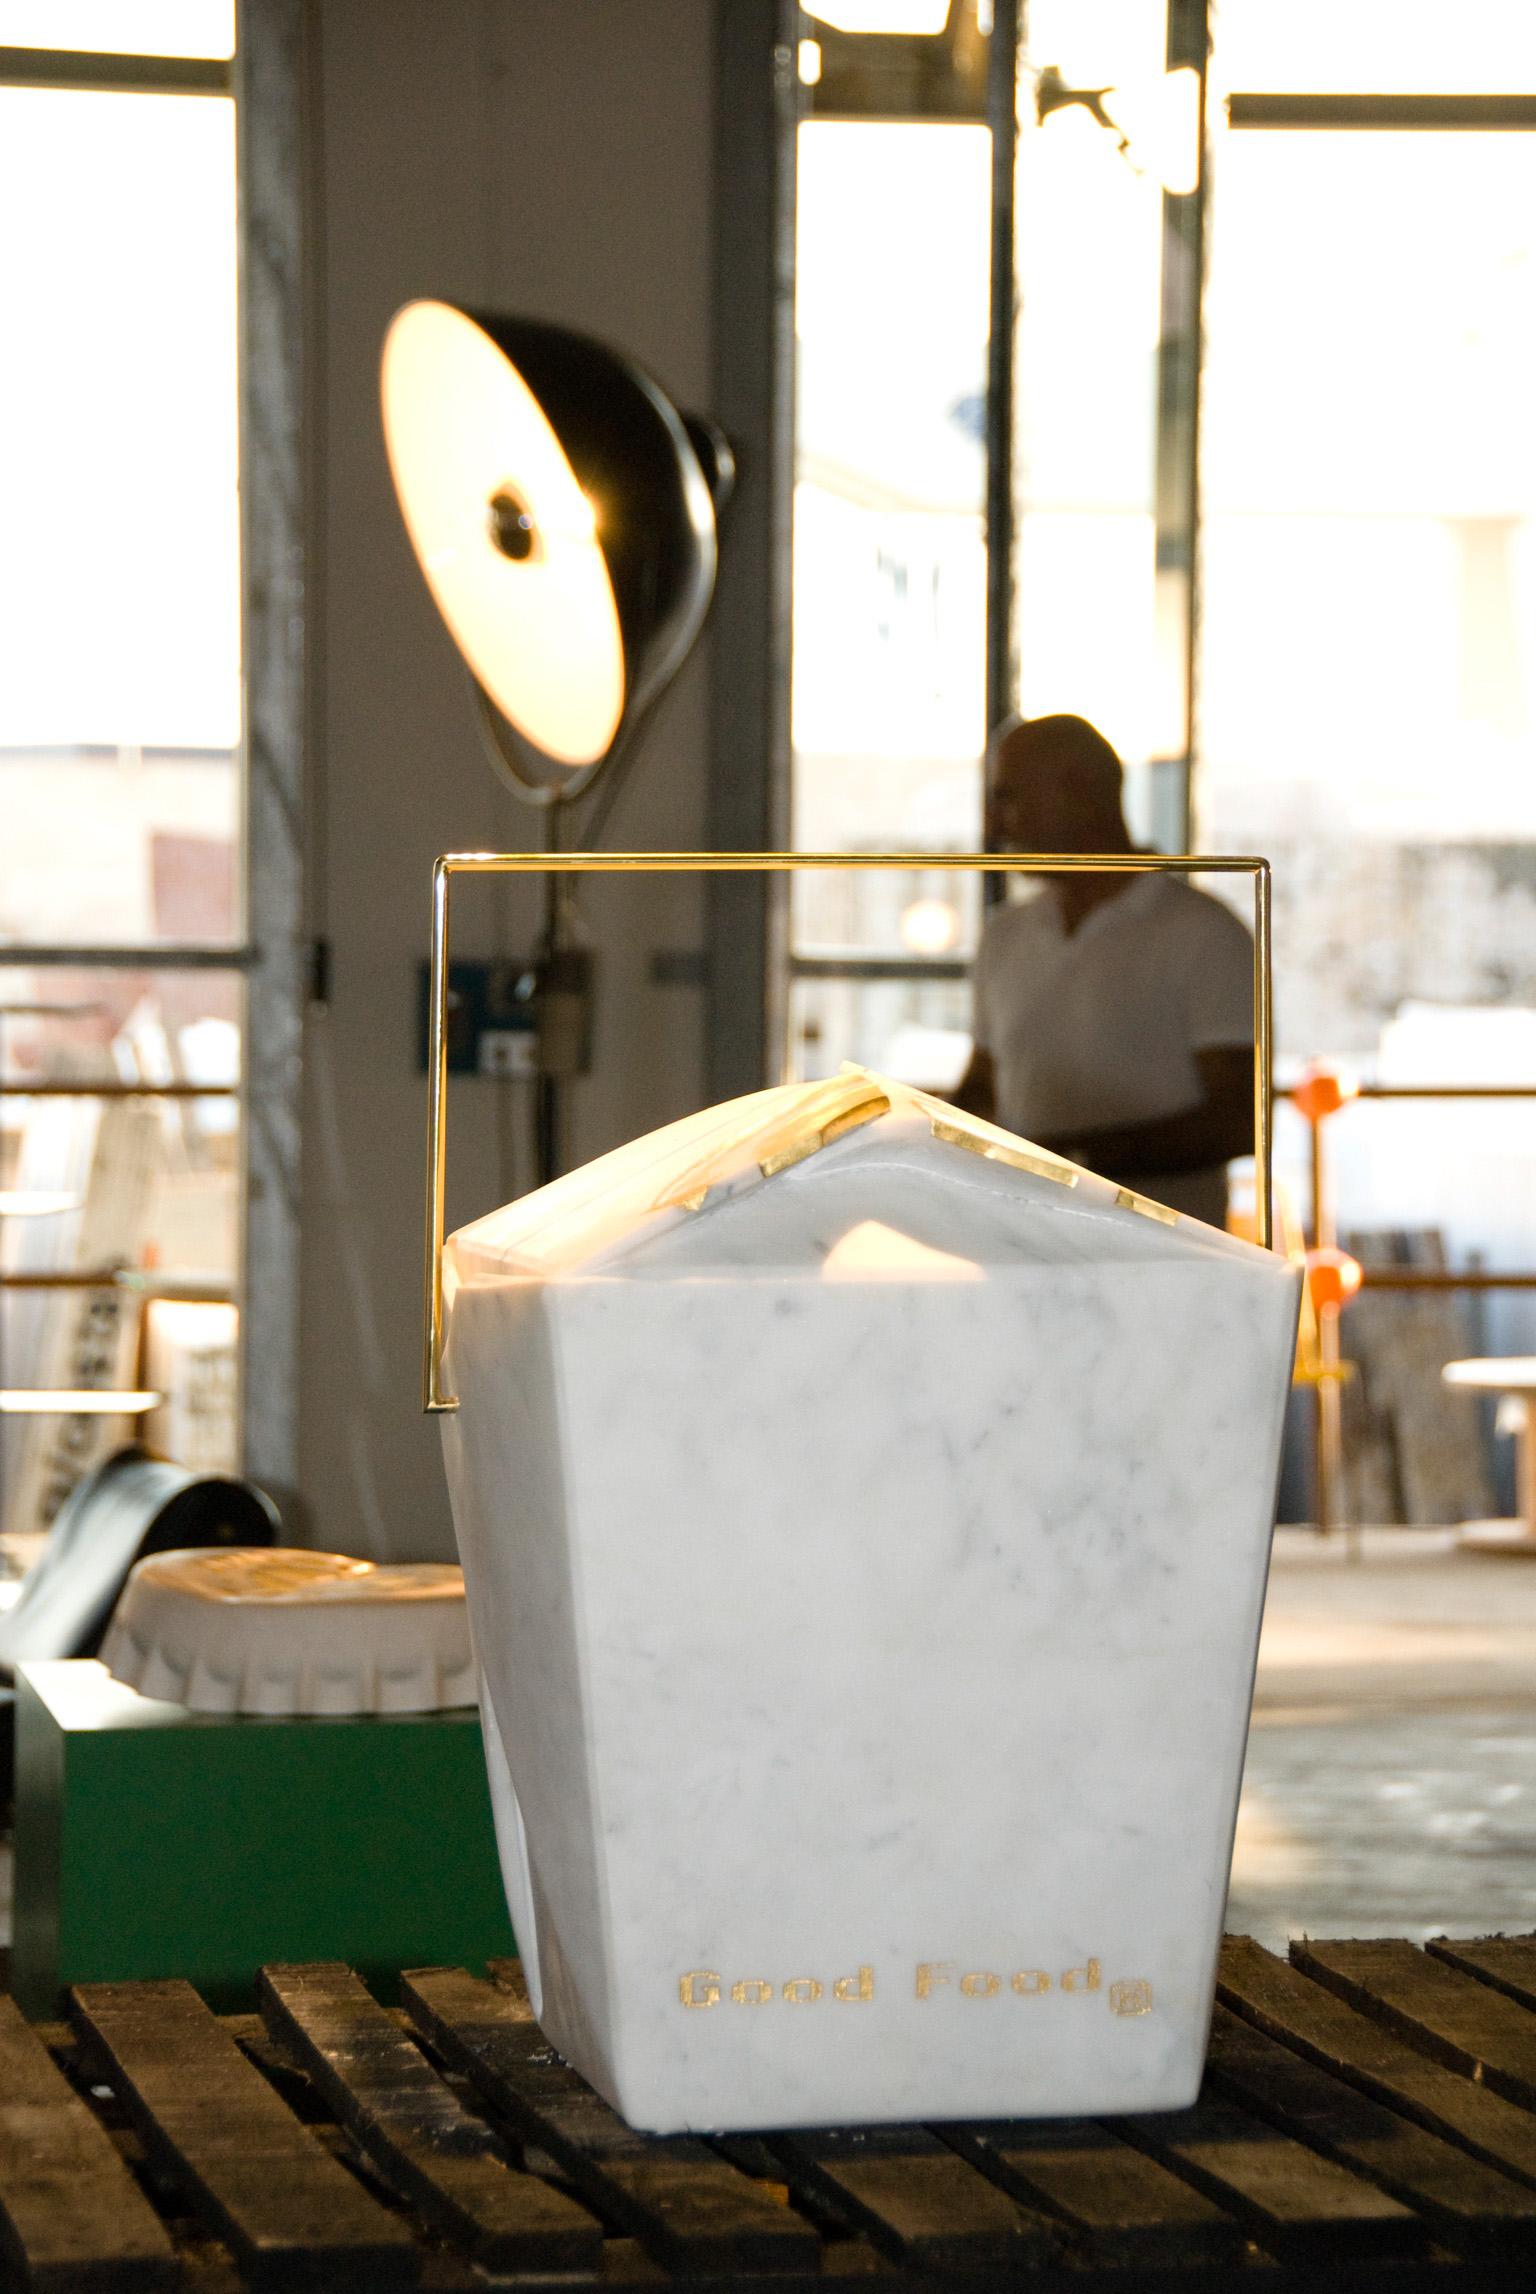 Michele Chiossi Good Food, 2008 marmo bianco statuario, ottone lucidato, foglia d'oro scultura prospettiva installazione contenitore cibo installazione mostra